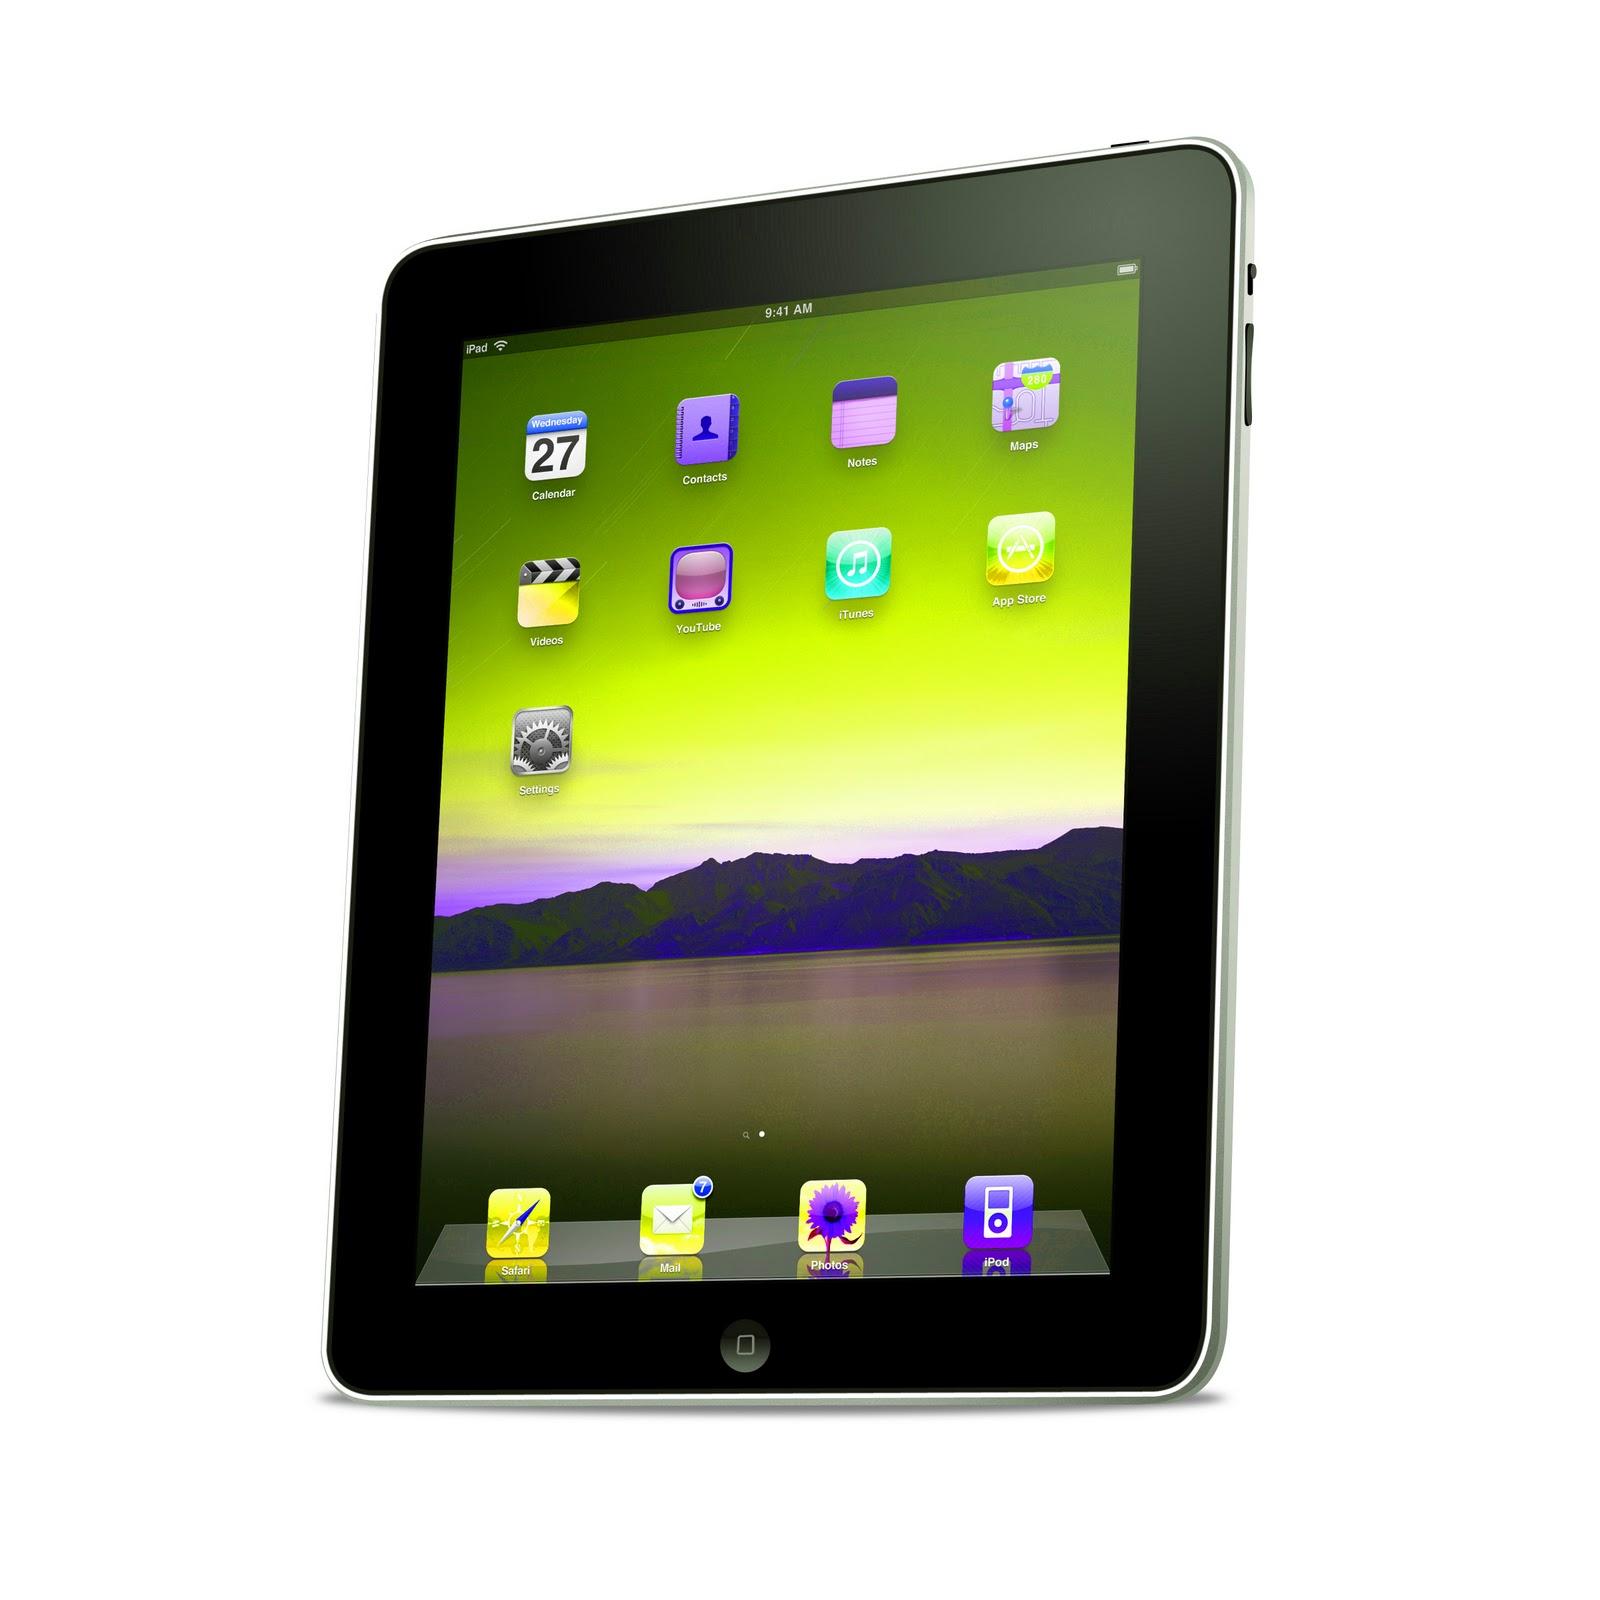 Psd Files Free Download: iPad, ipad psd, psd ipad, phone psd